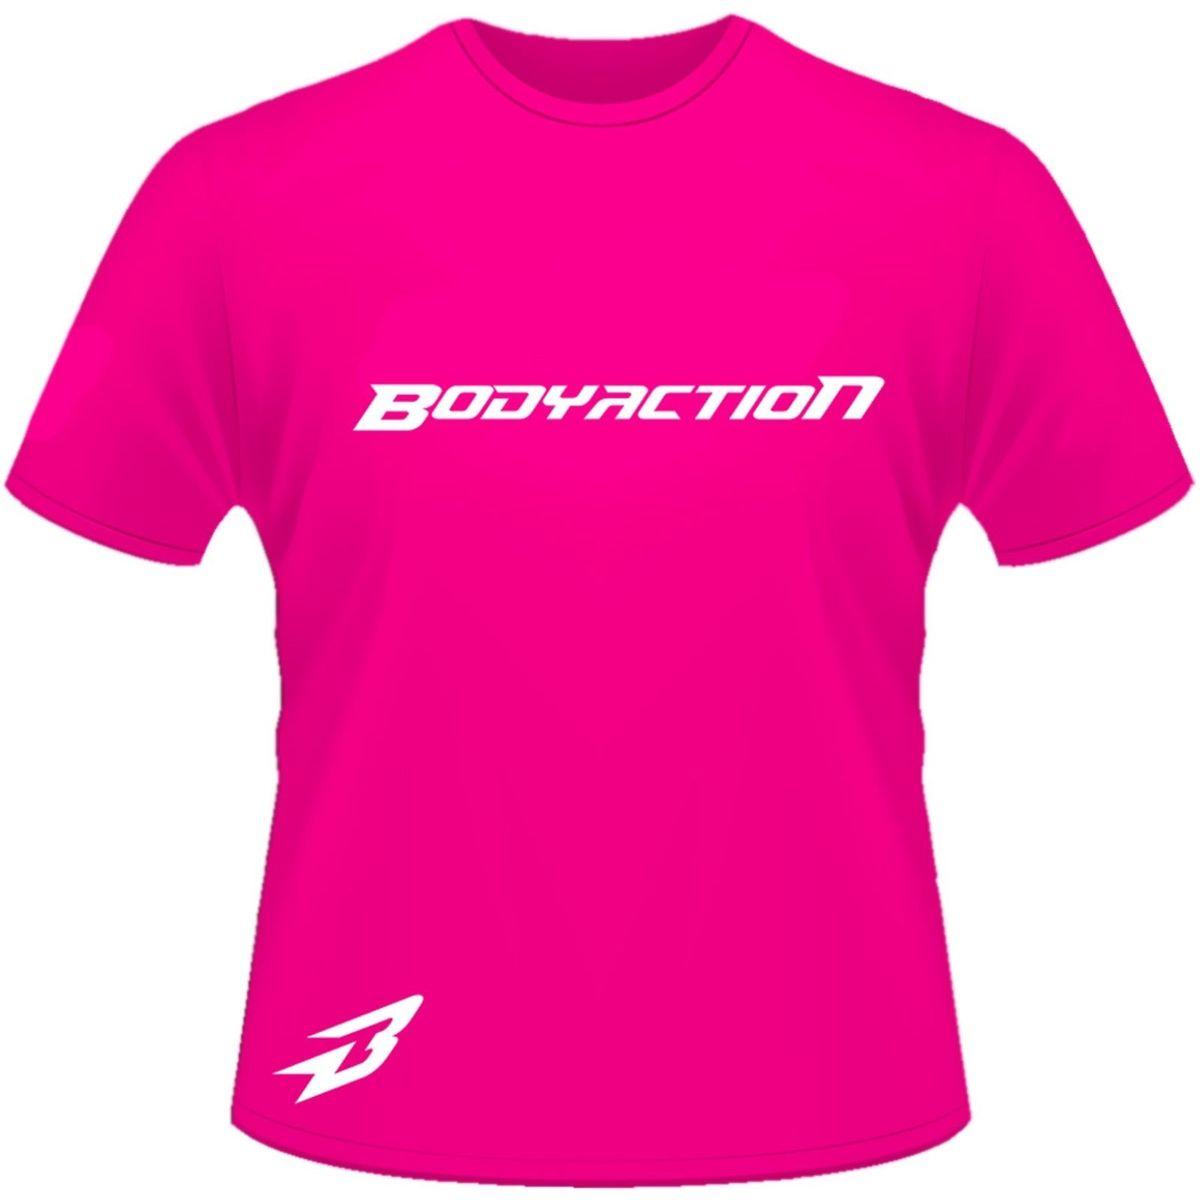 0198bdadd Camiseta Dry Fit Academia Treino Fitness Bodyaction - Barato ...